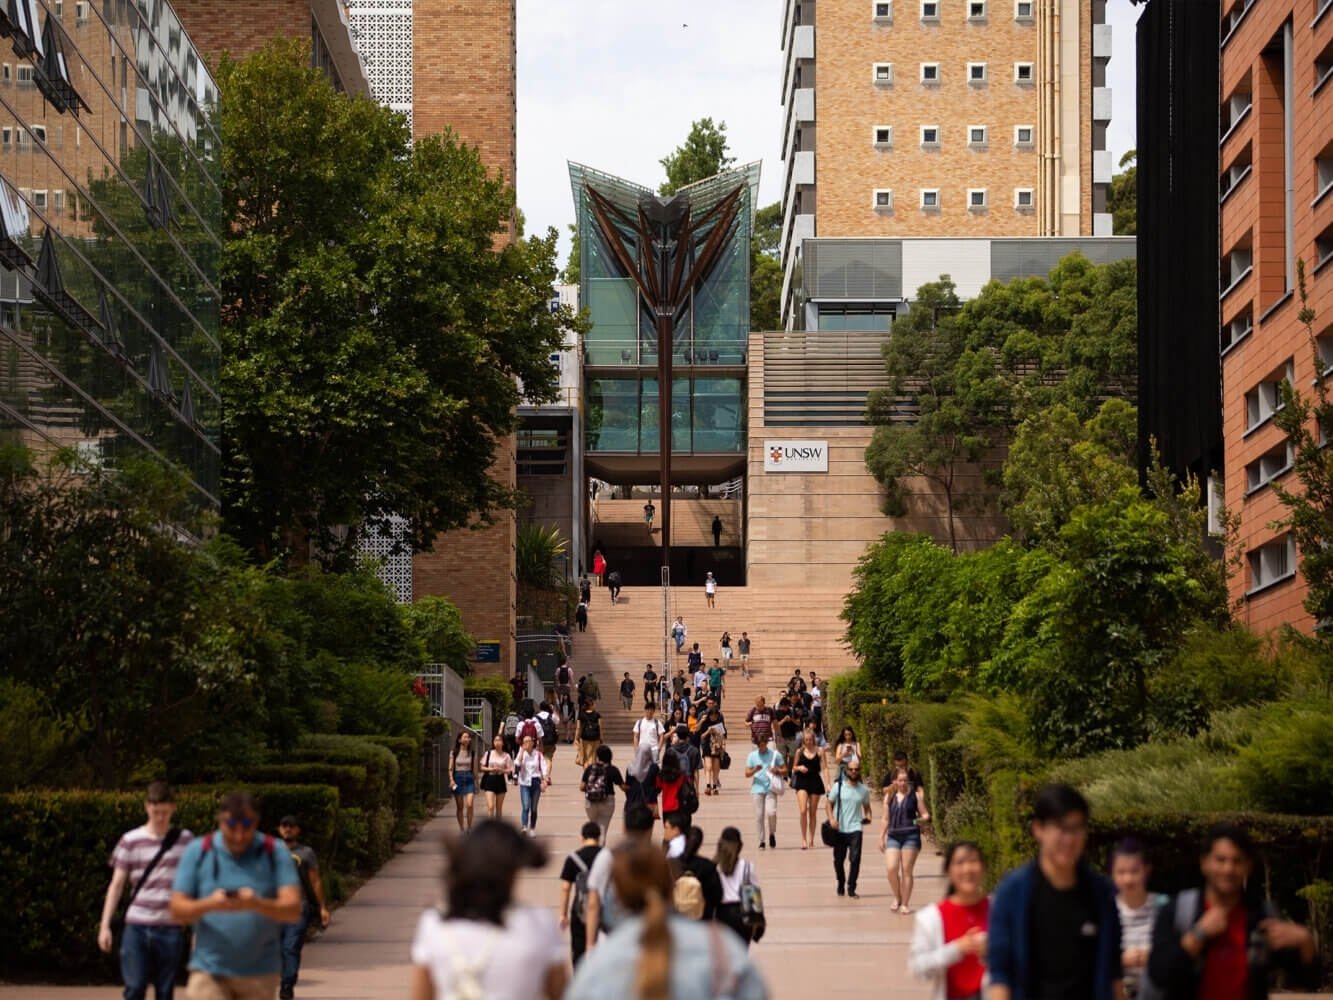 Unsw – Universities Australia